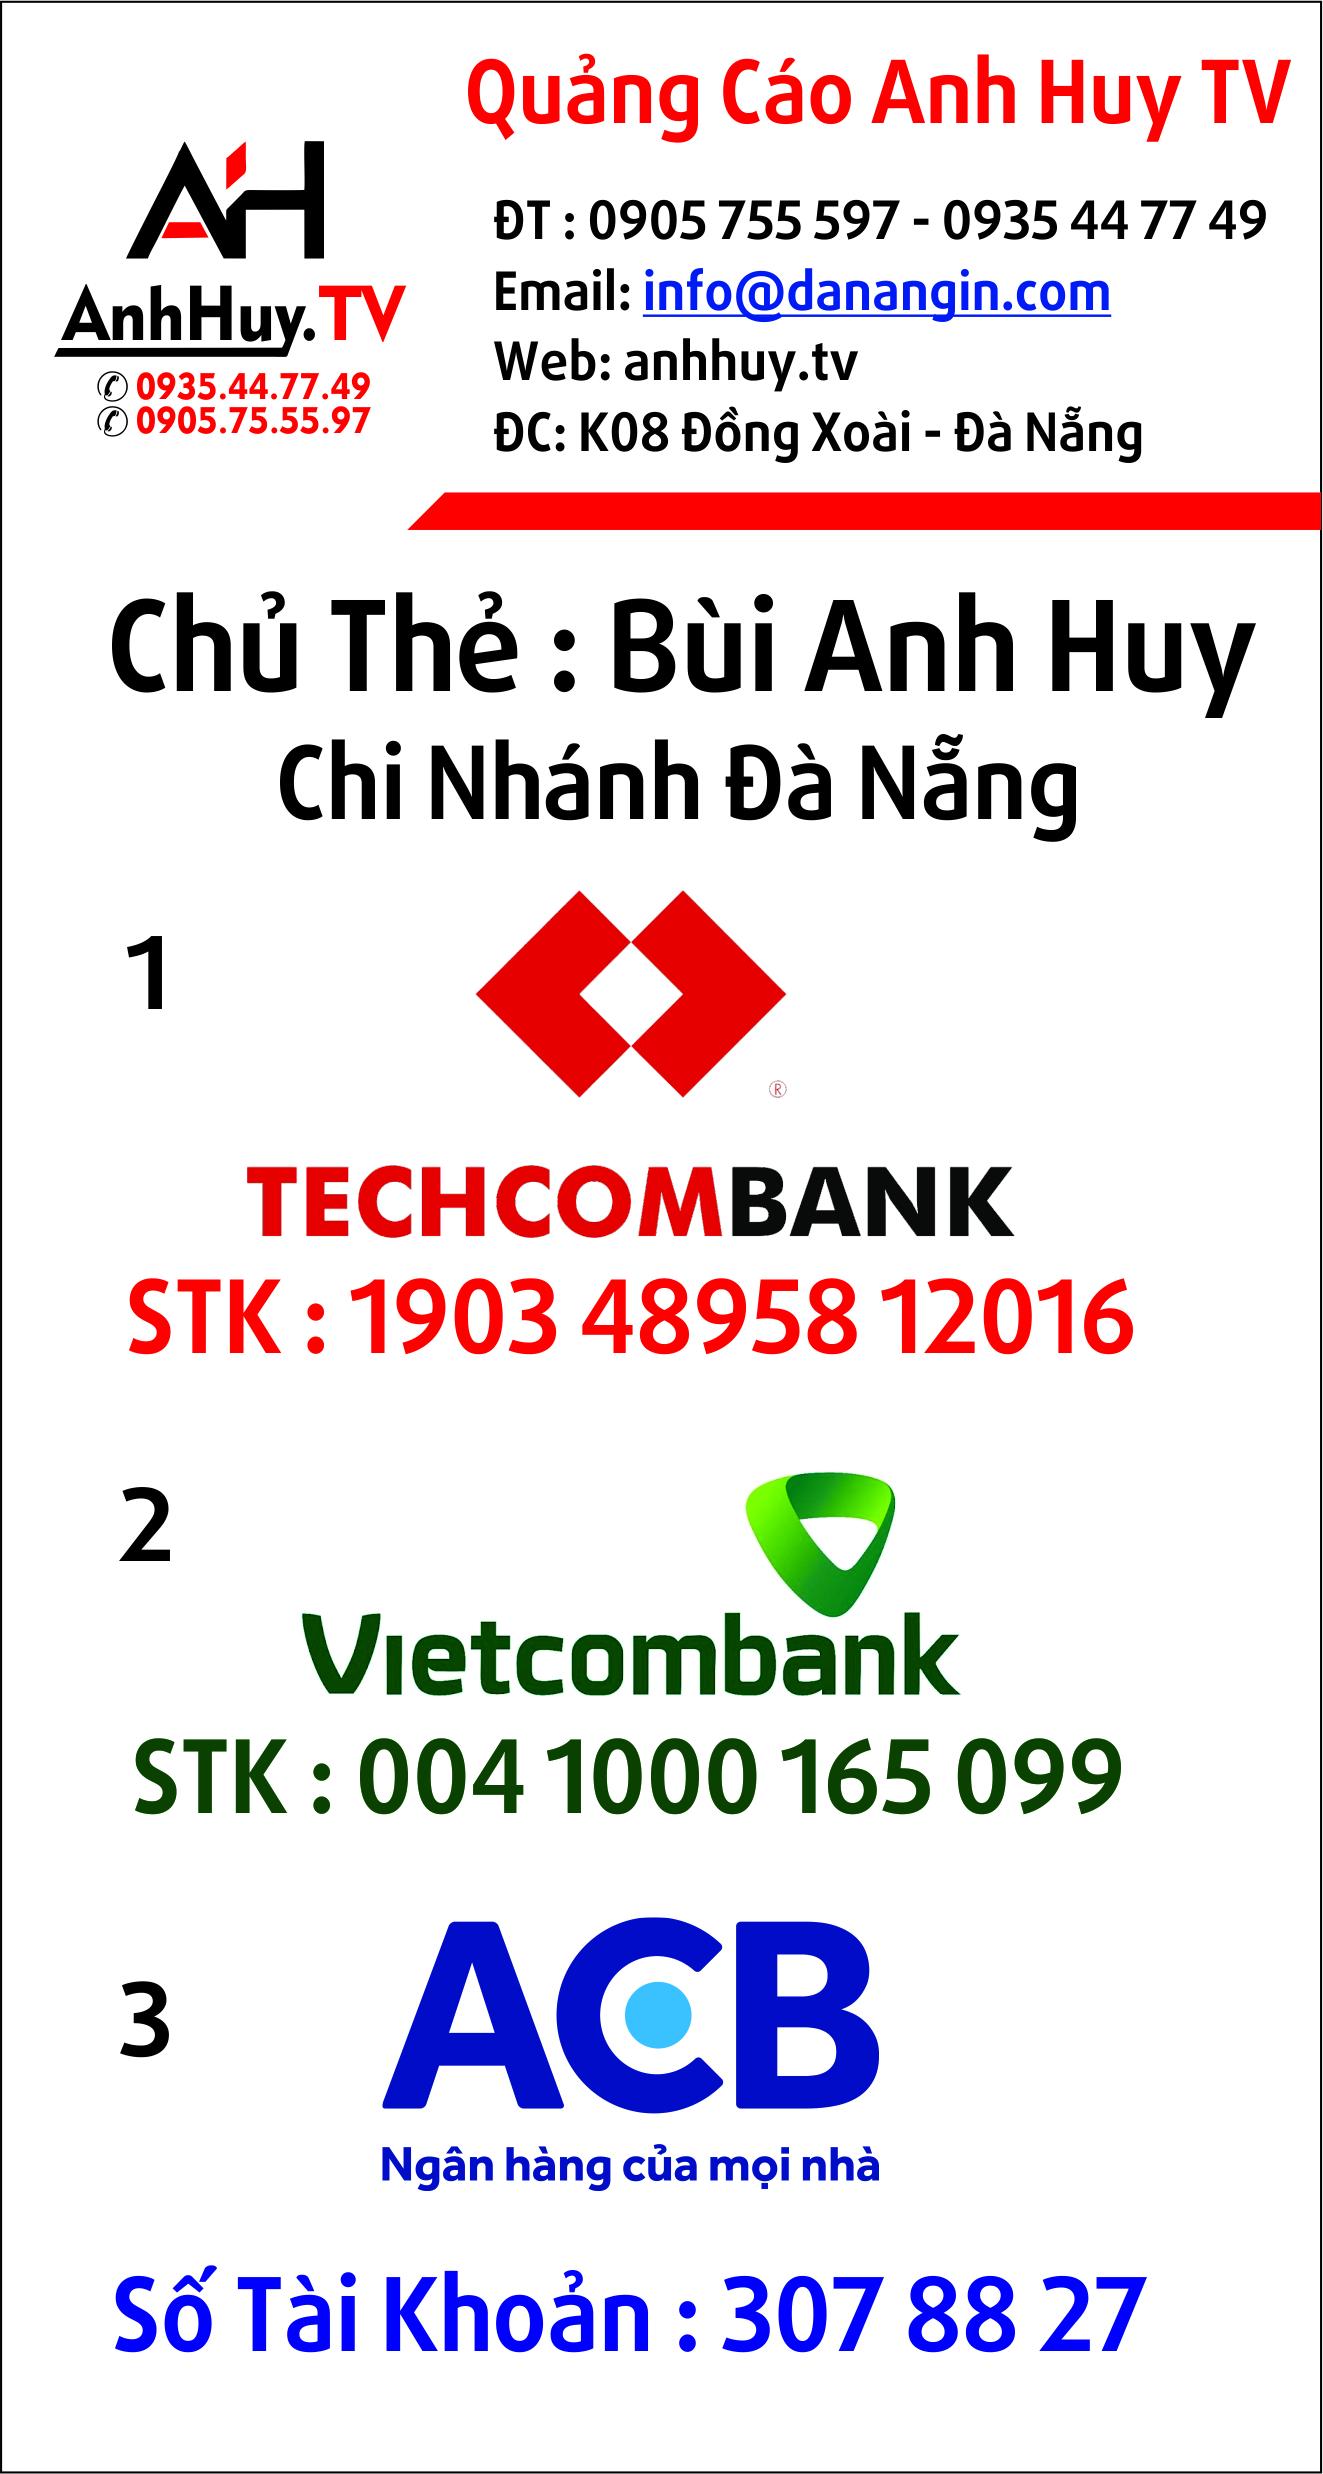 Anh Huy TV Thanh Toán Ngân Hàng